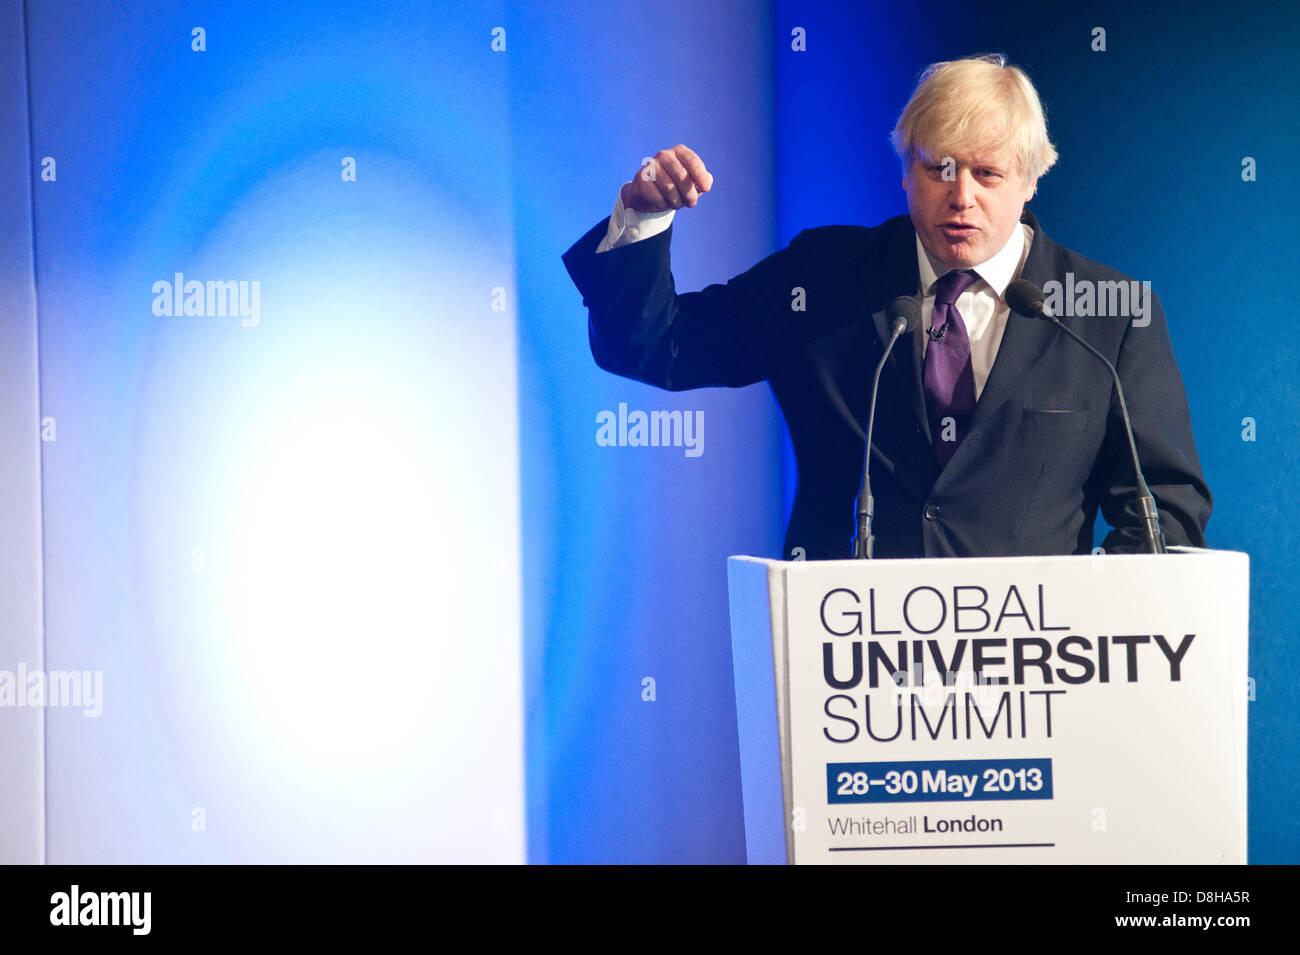 Londra, Regno Unito. Il 29 maggio 2013. Sindaco di Londra Boris Johnson parla di business-leader, alti rappresentanti Immagini Stock